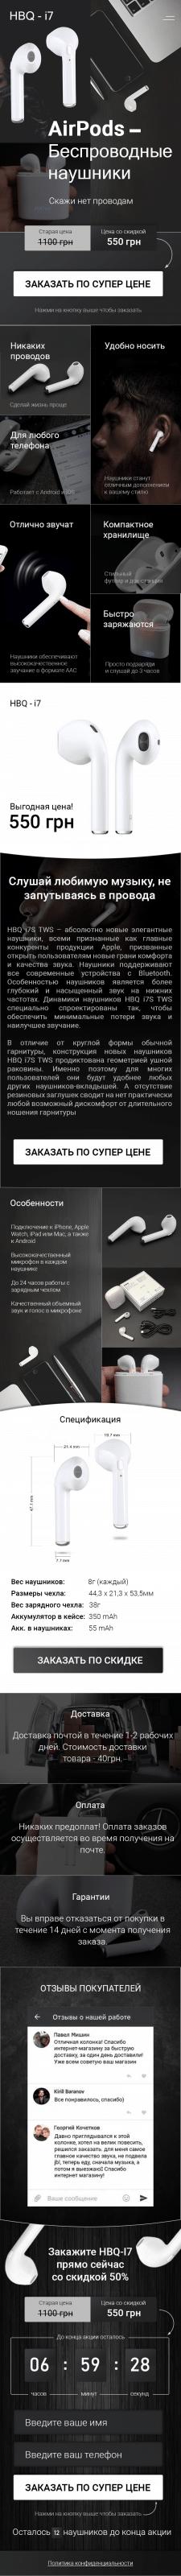 Дизайн интернет магазина по продаже наушников